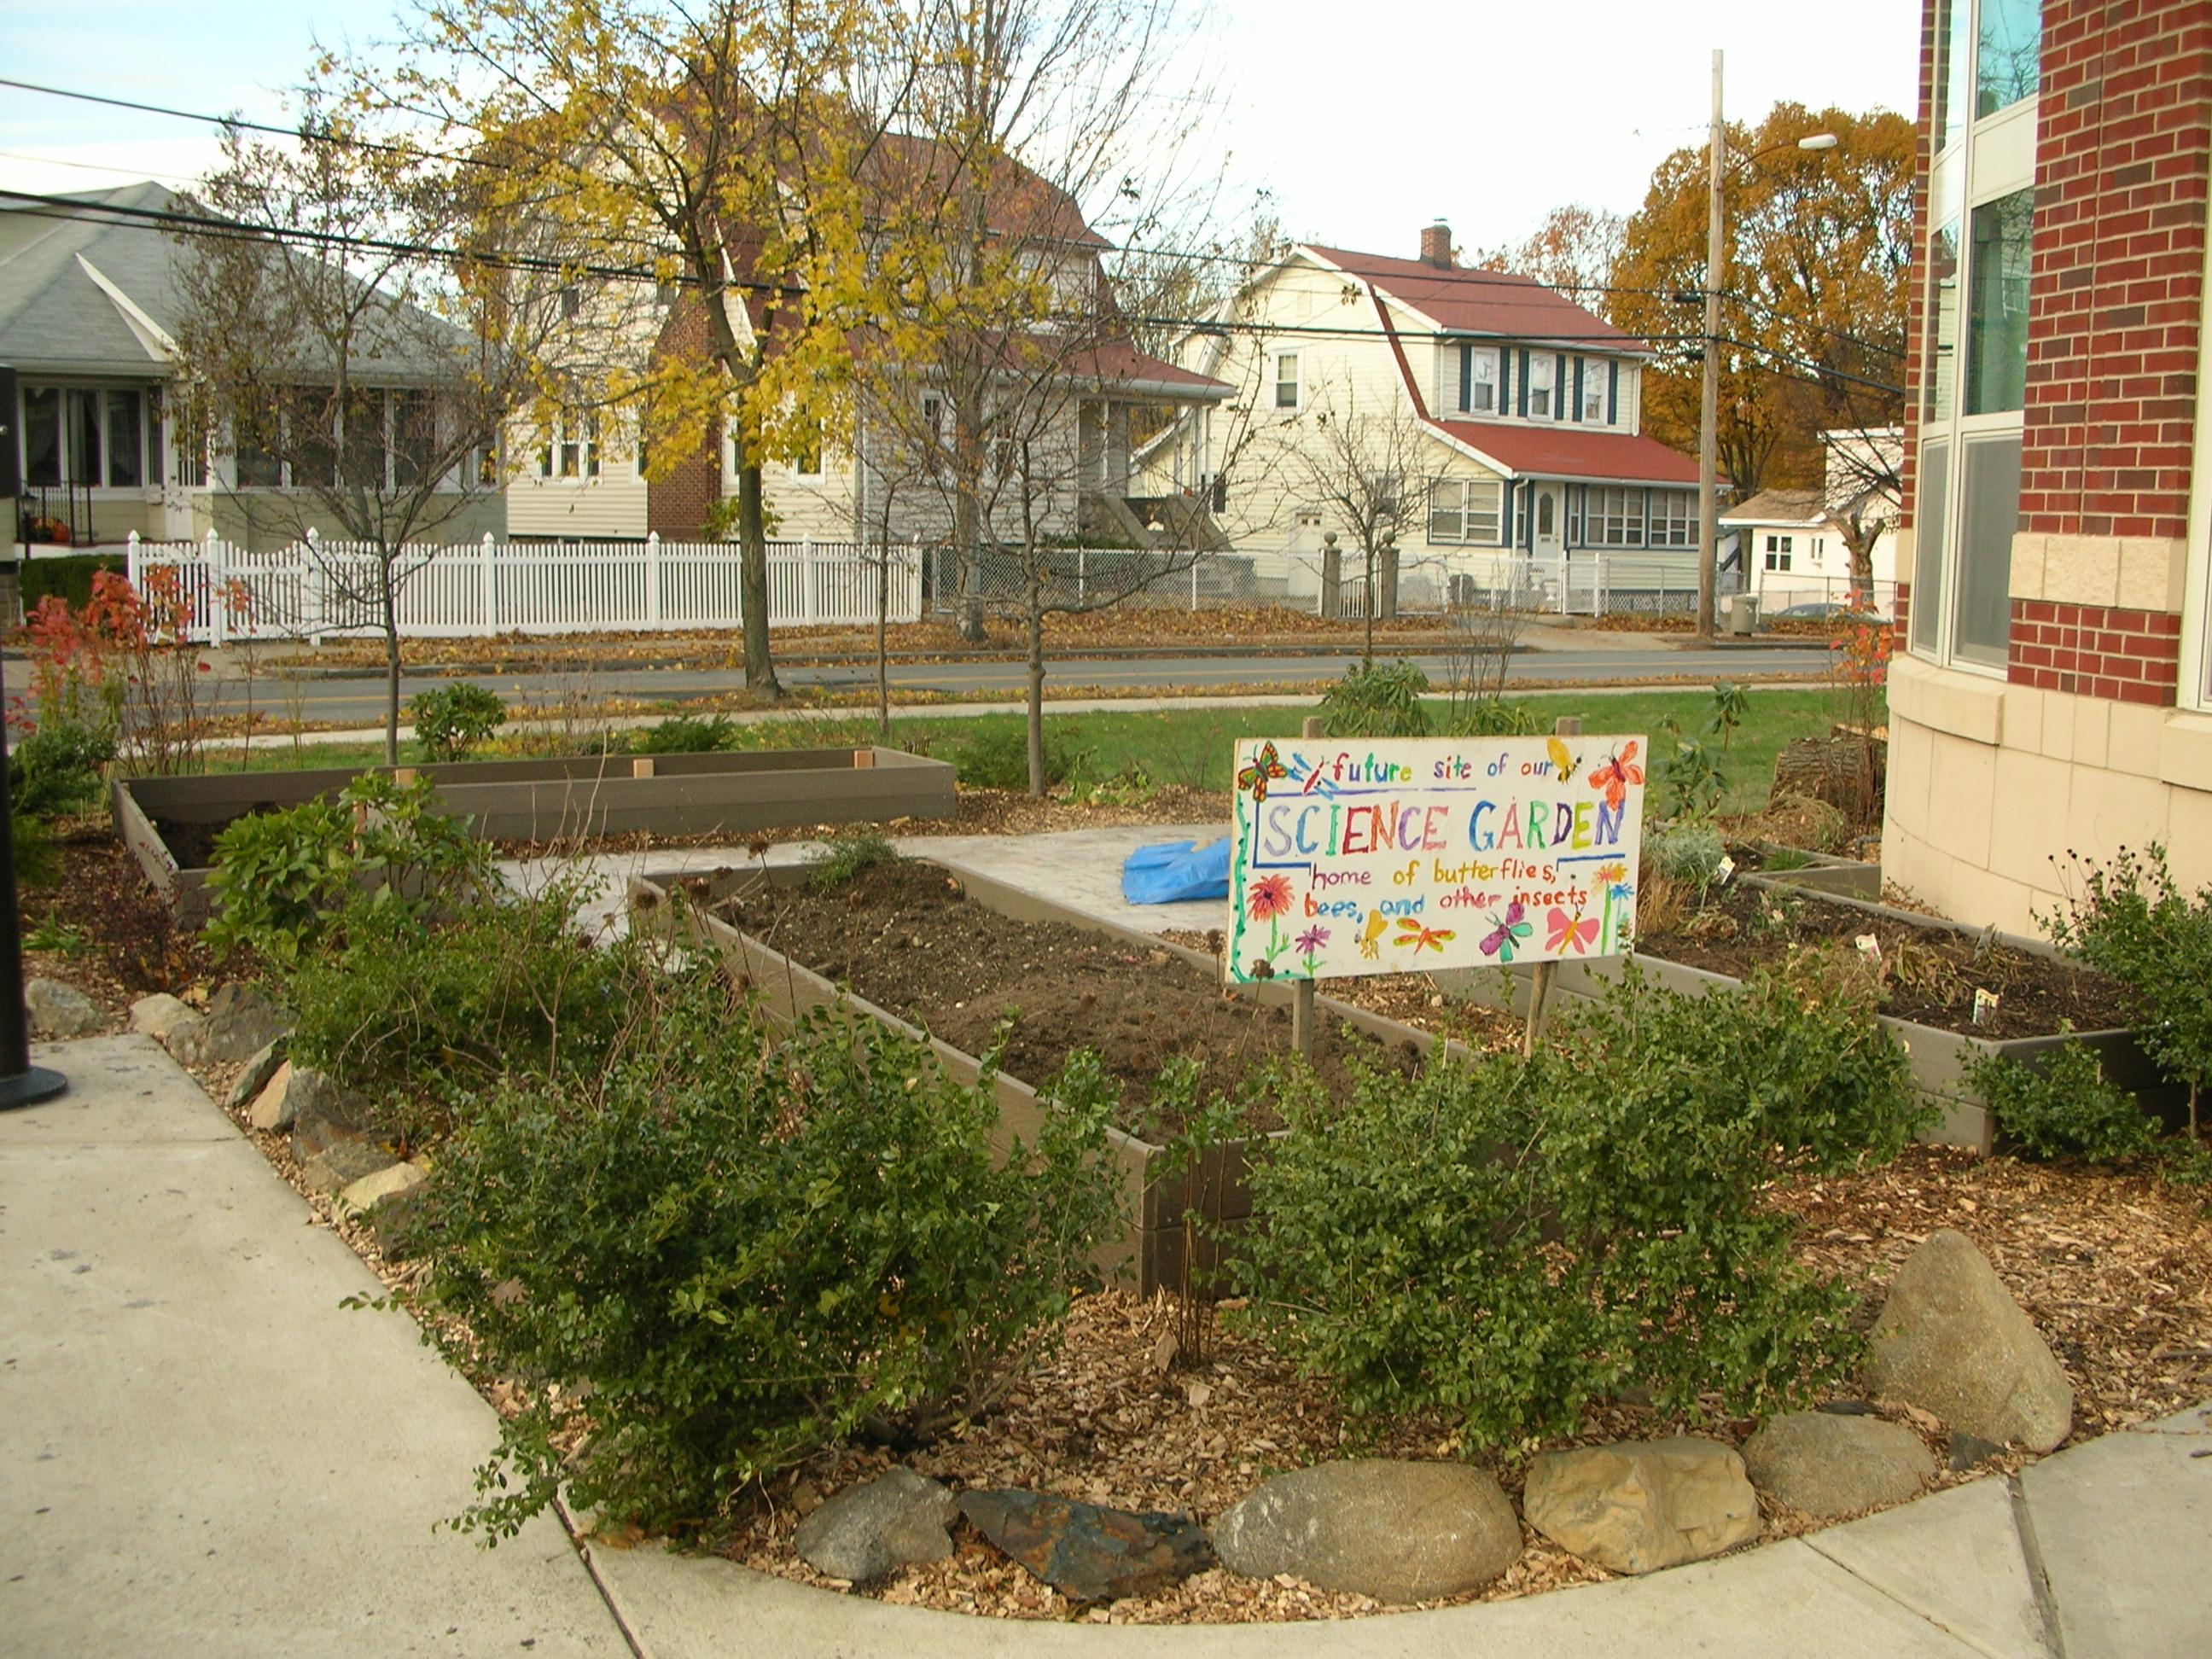 Pierce School Science Garden